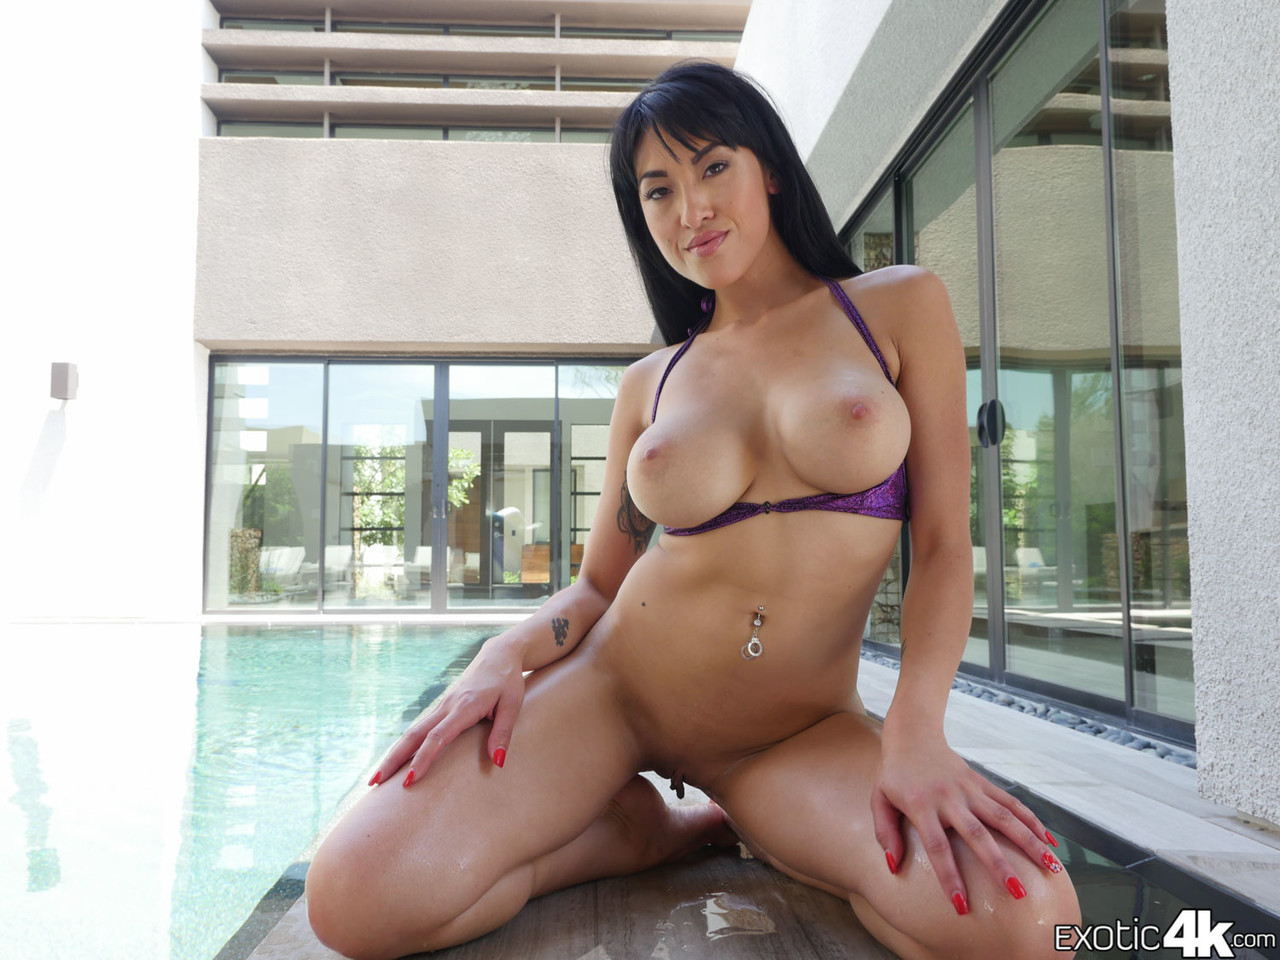 Pornobilder von Asiatinnen. Galerie - 2036